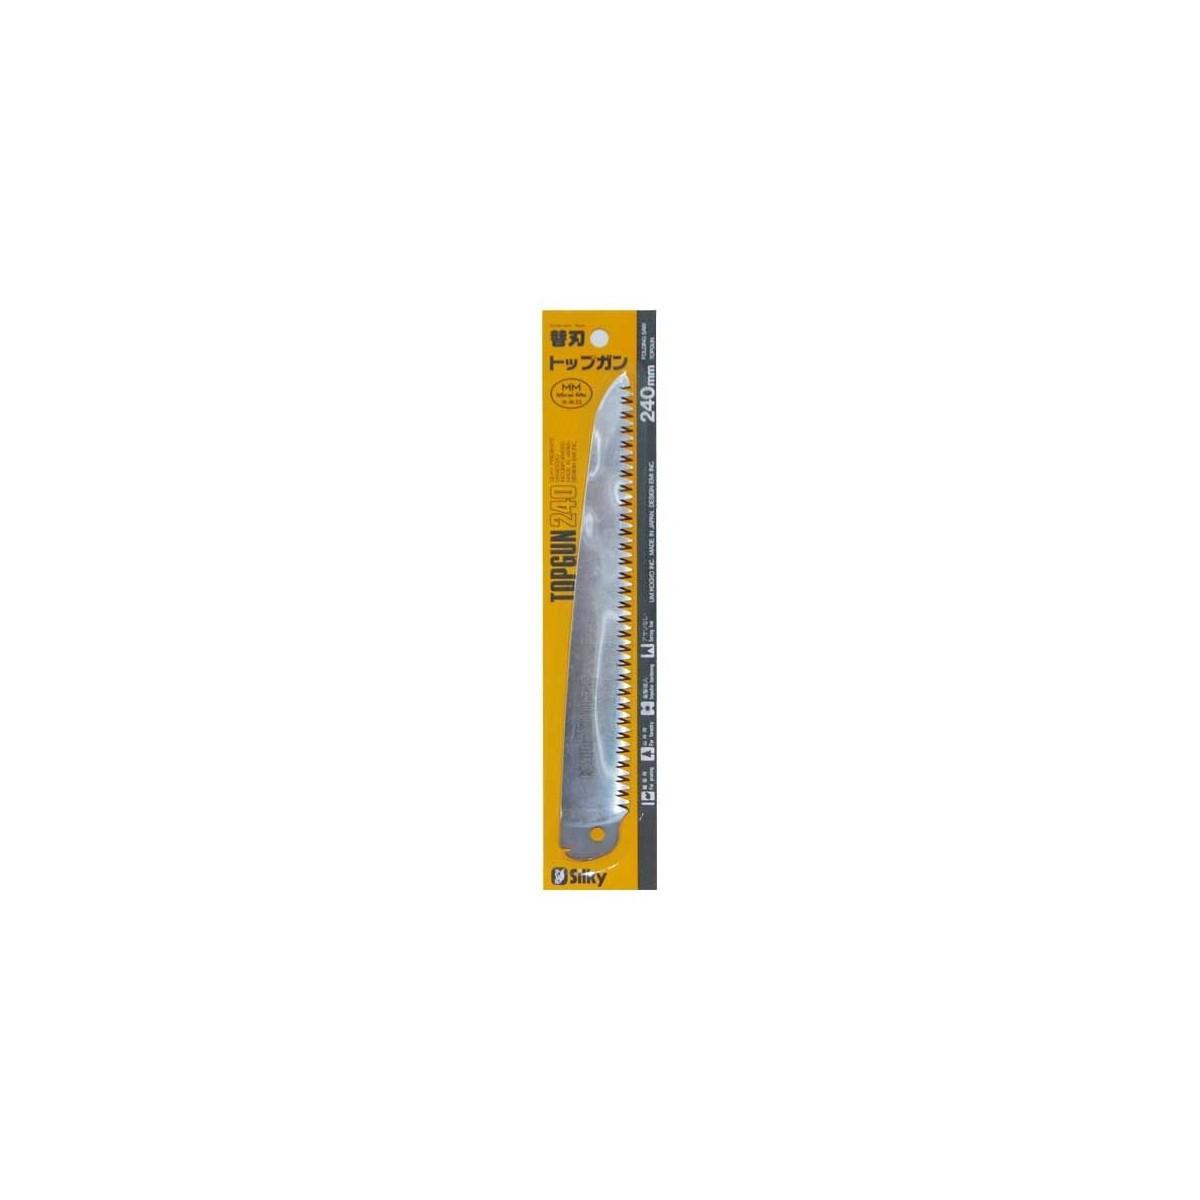 silky cuchilla recambio topgun 240